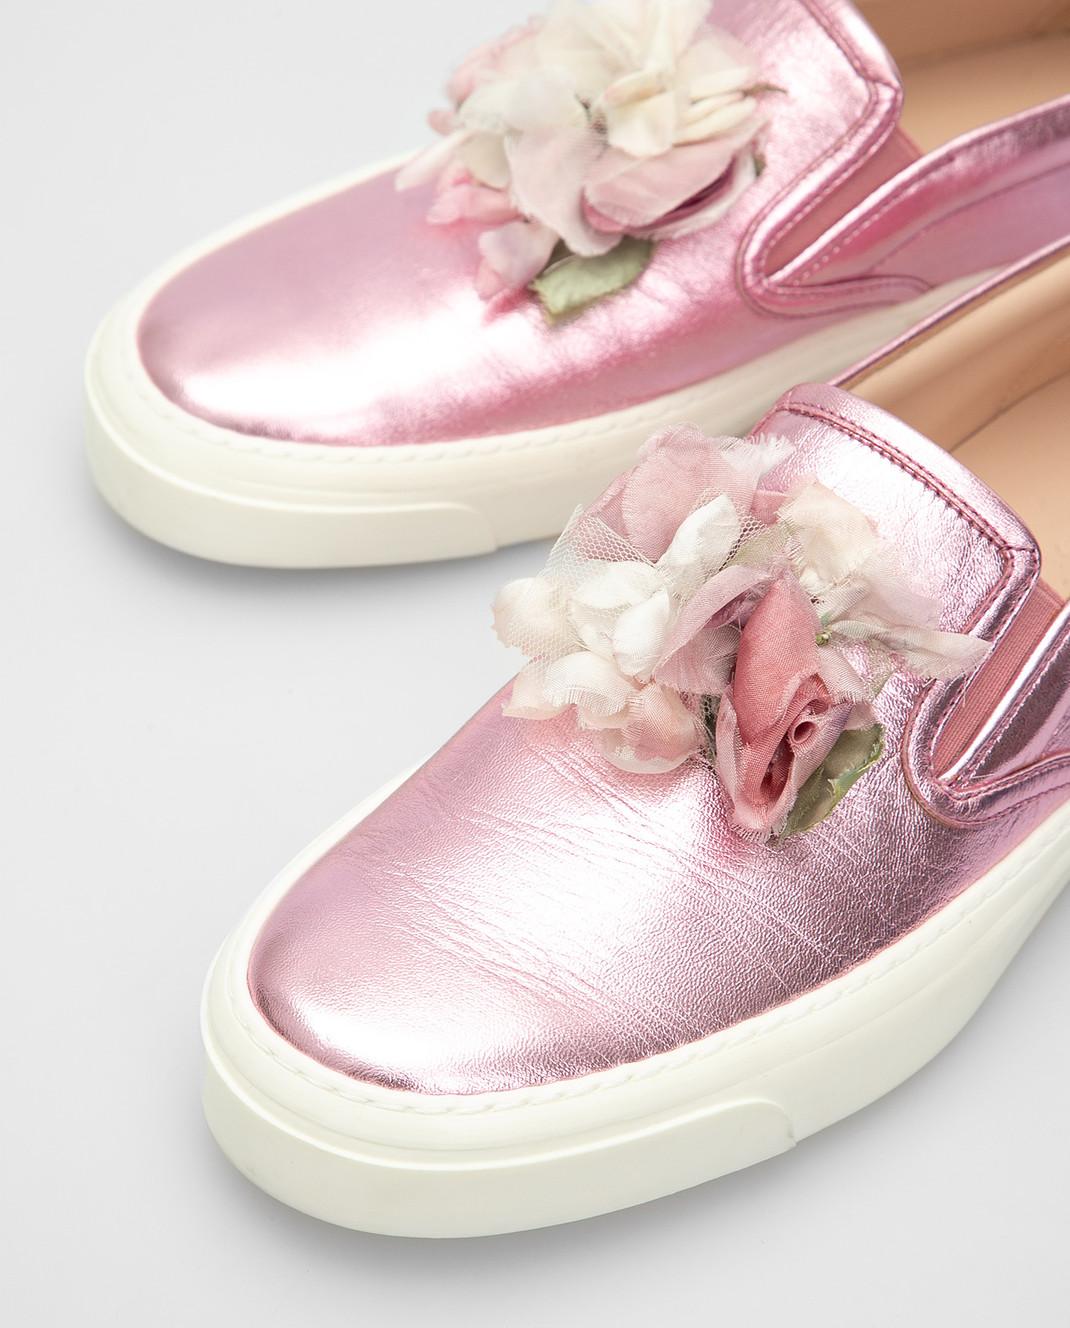 Gucci Розовые кожаные слипоны 414990 изображение 5